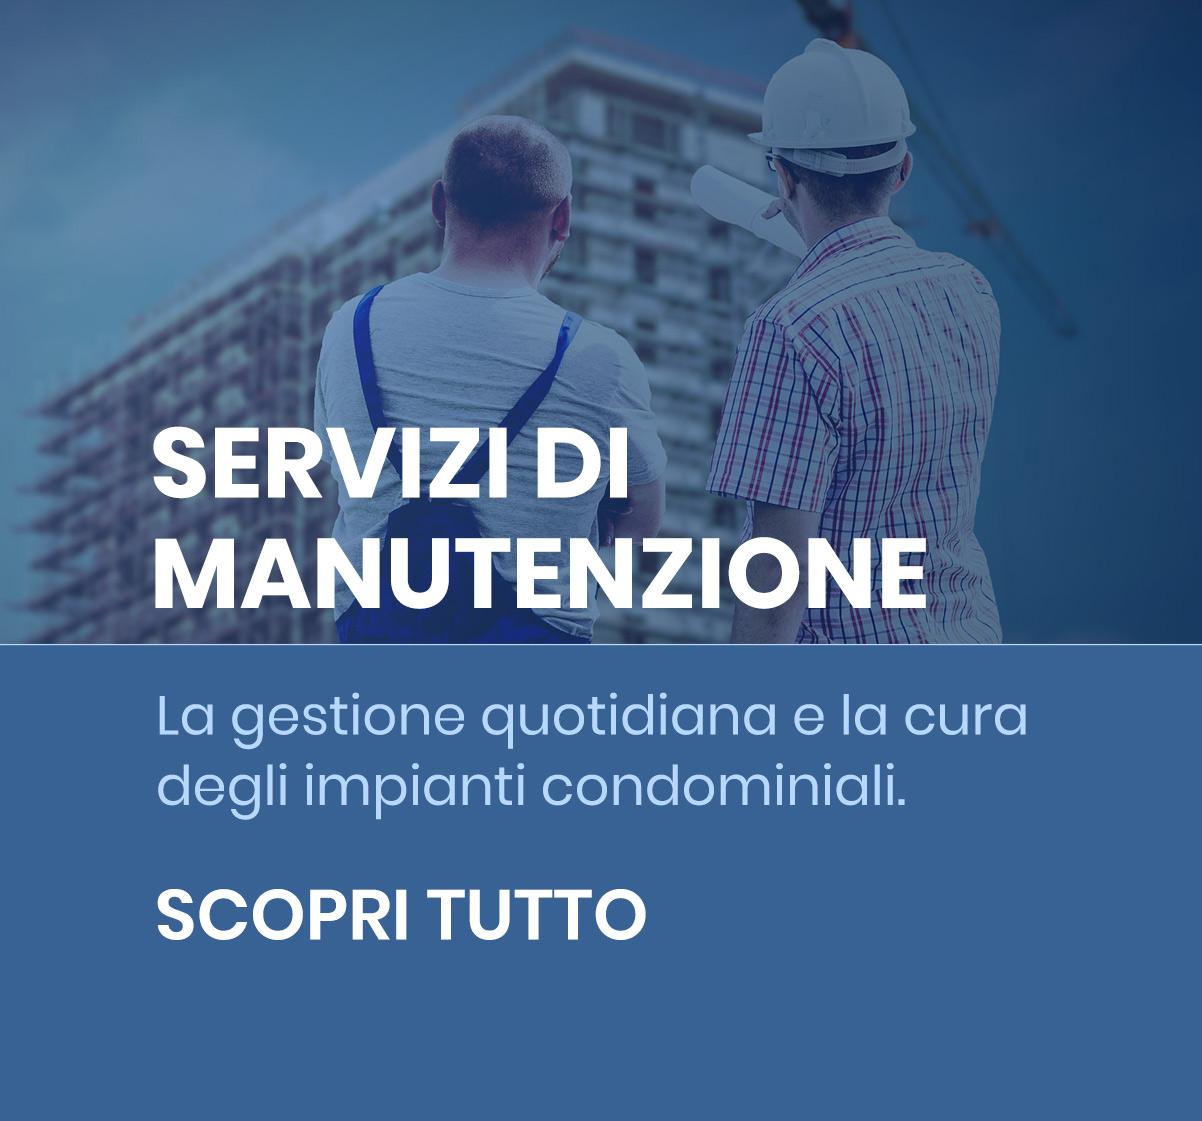 am-servizi-tecnologici-MANUTENZIONE-MOBILE